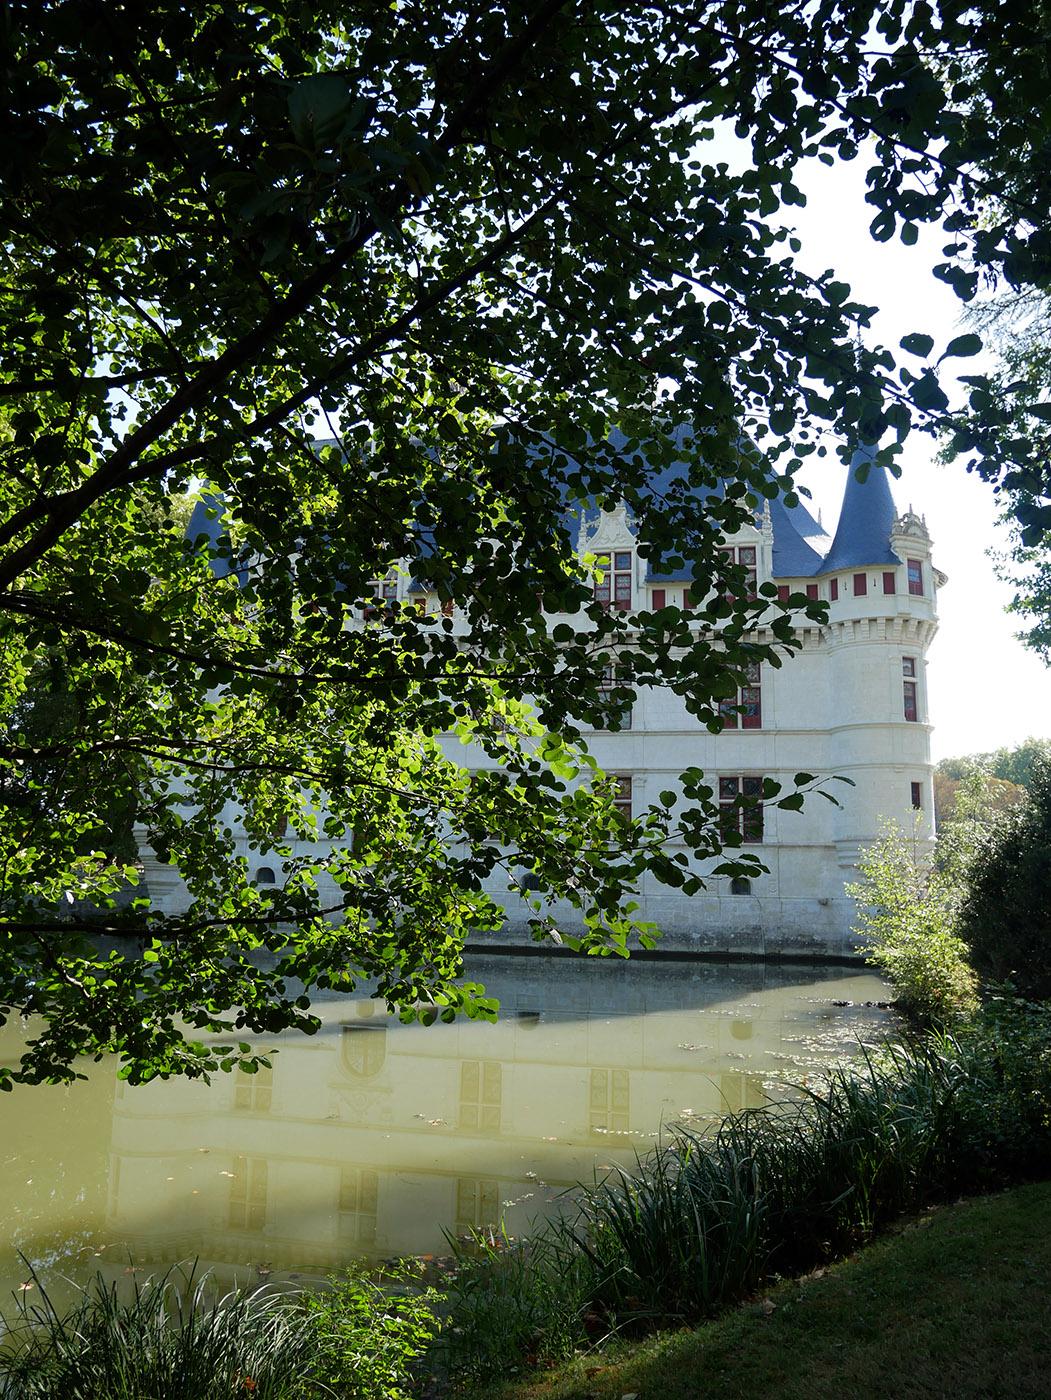 La renaissance du ch teau d azay le rideau - Les jardins renaissance a azay le rideau ...